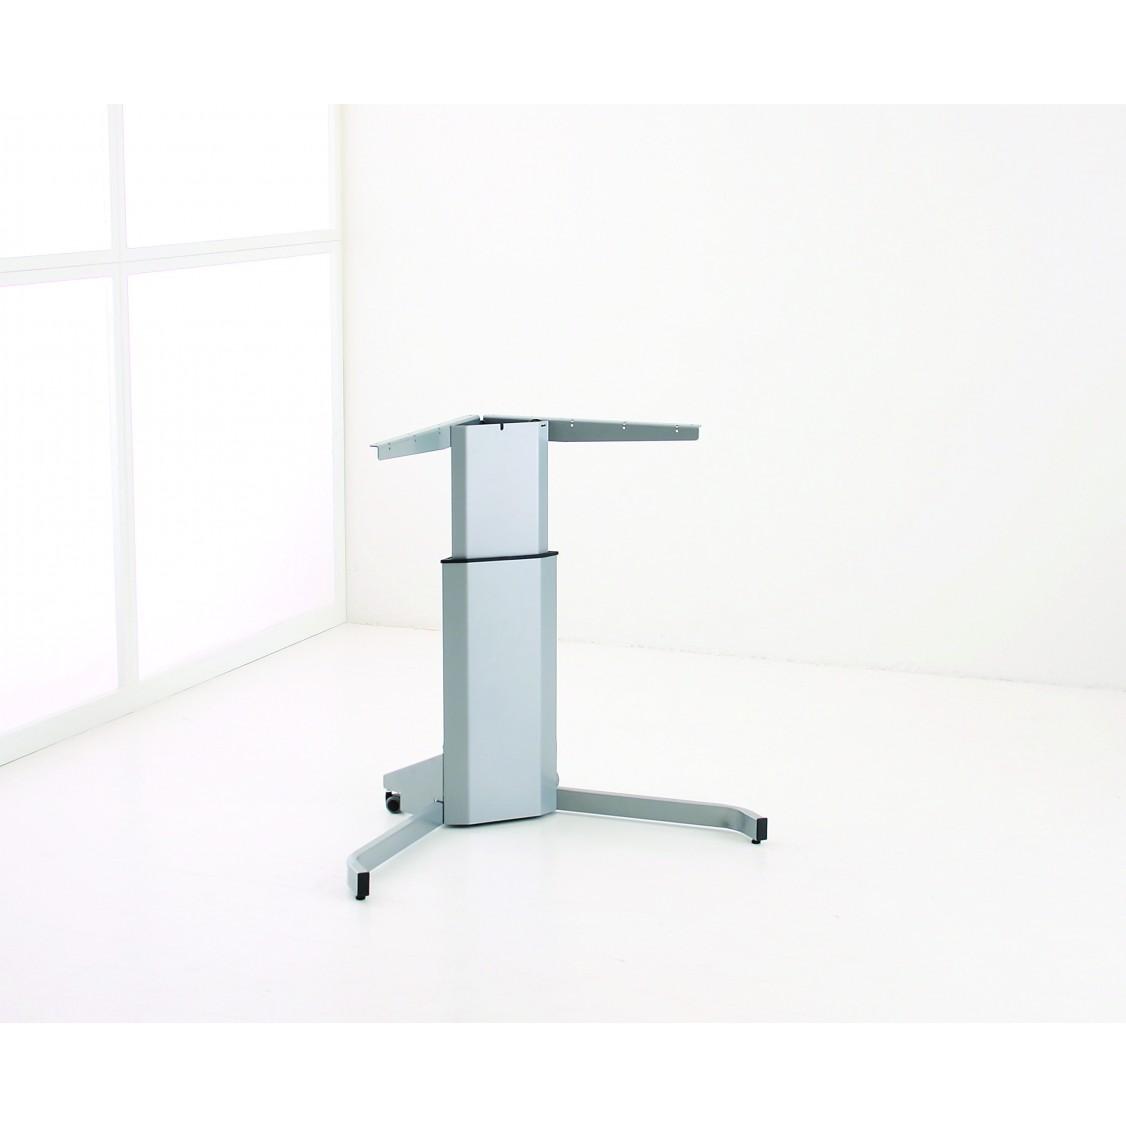 ... ad17 adjustable height desk ... AFDFQJH